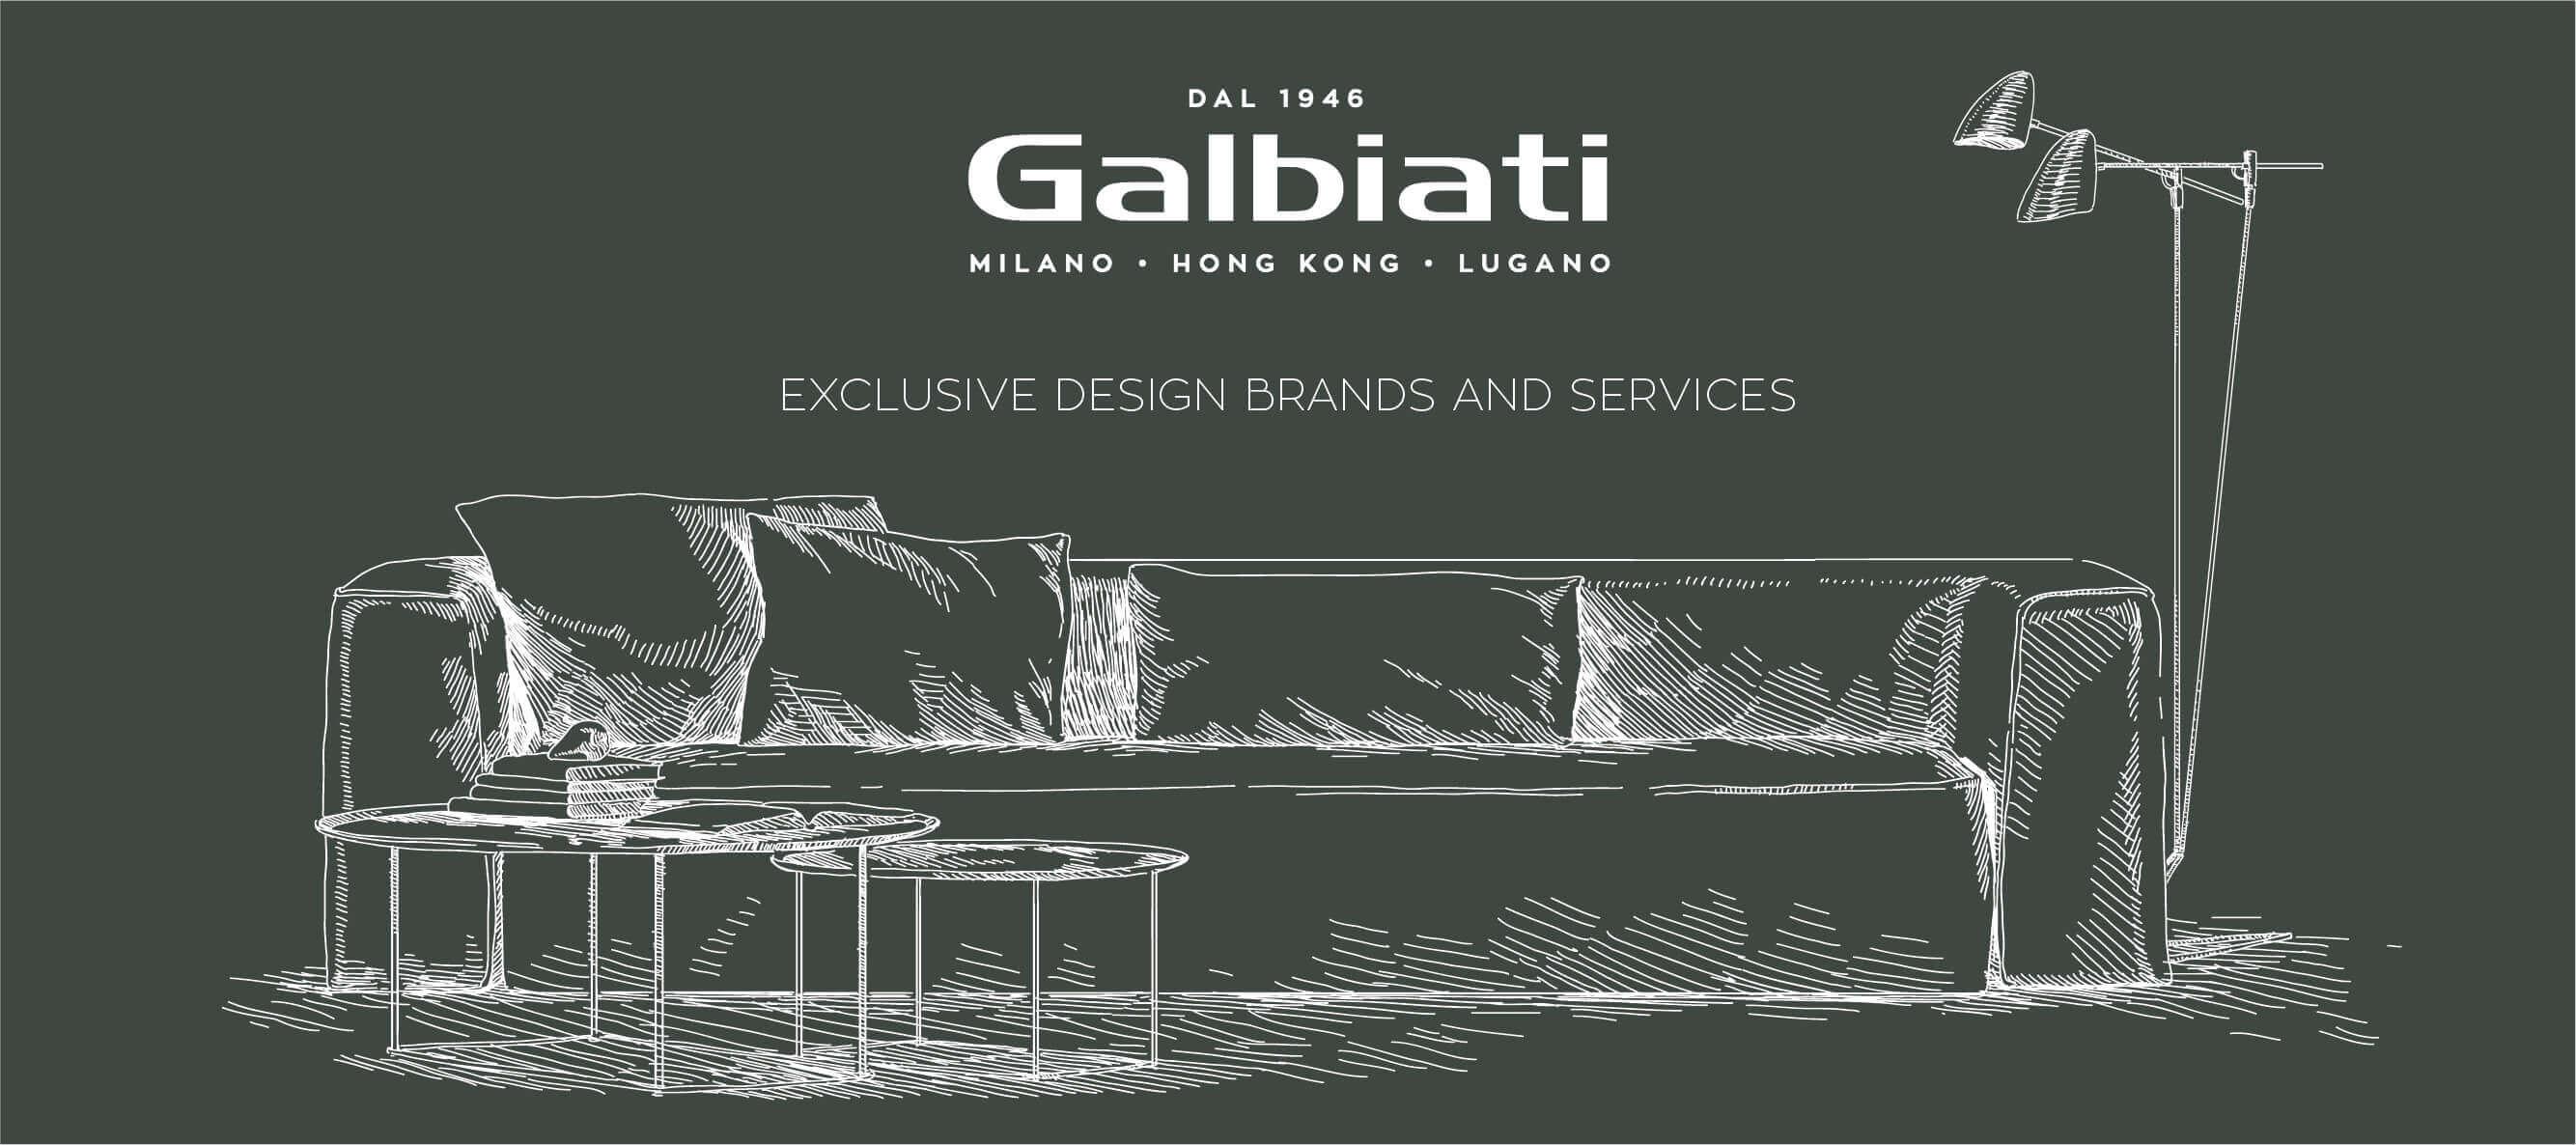 Arredamenti di design e mobili contemporanei a milano for Marchi arredamento